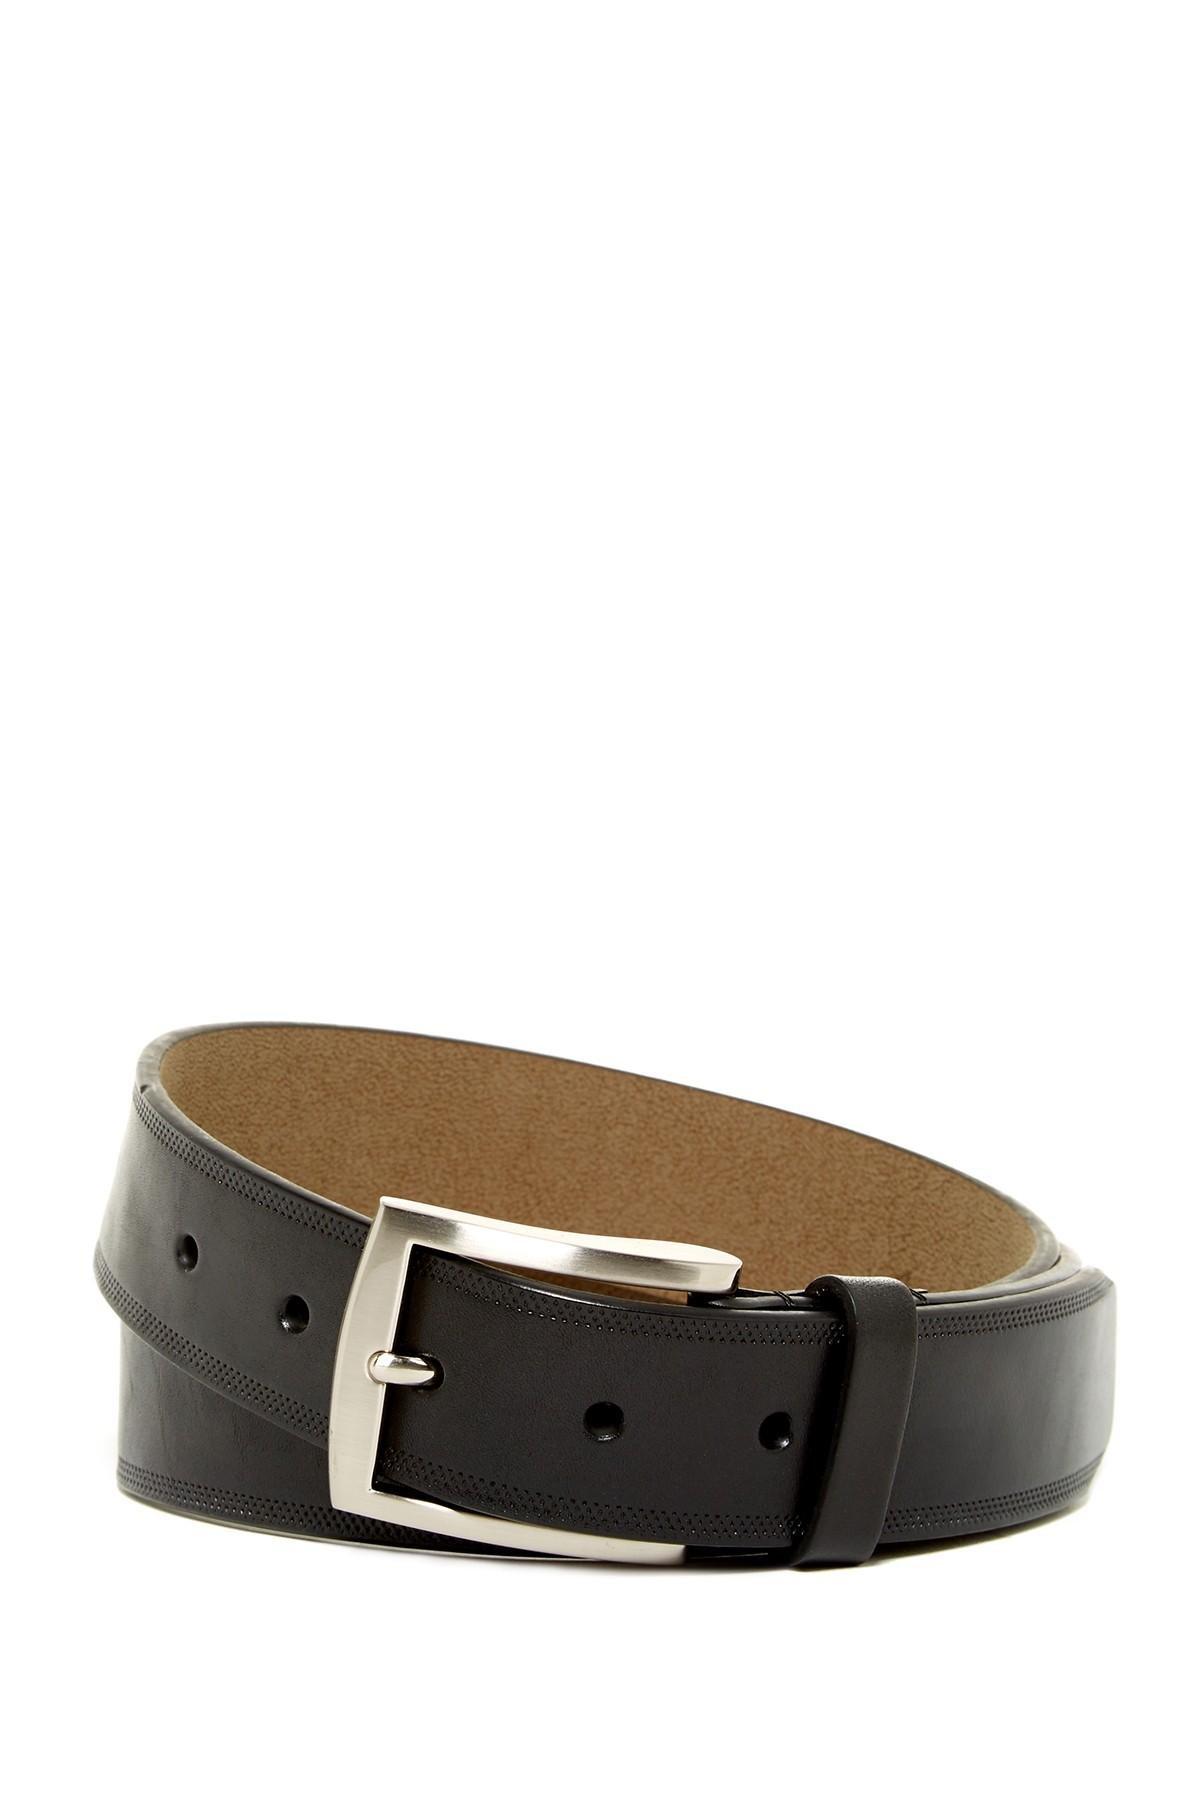 trafalgar black single men Mod shopping - jeans belt,men's leather black belt, £2900 (http:  so cleans:  fossil belt, godfrey single prong belt - mens belts, wallets  trafalgar belts.